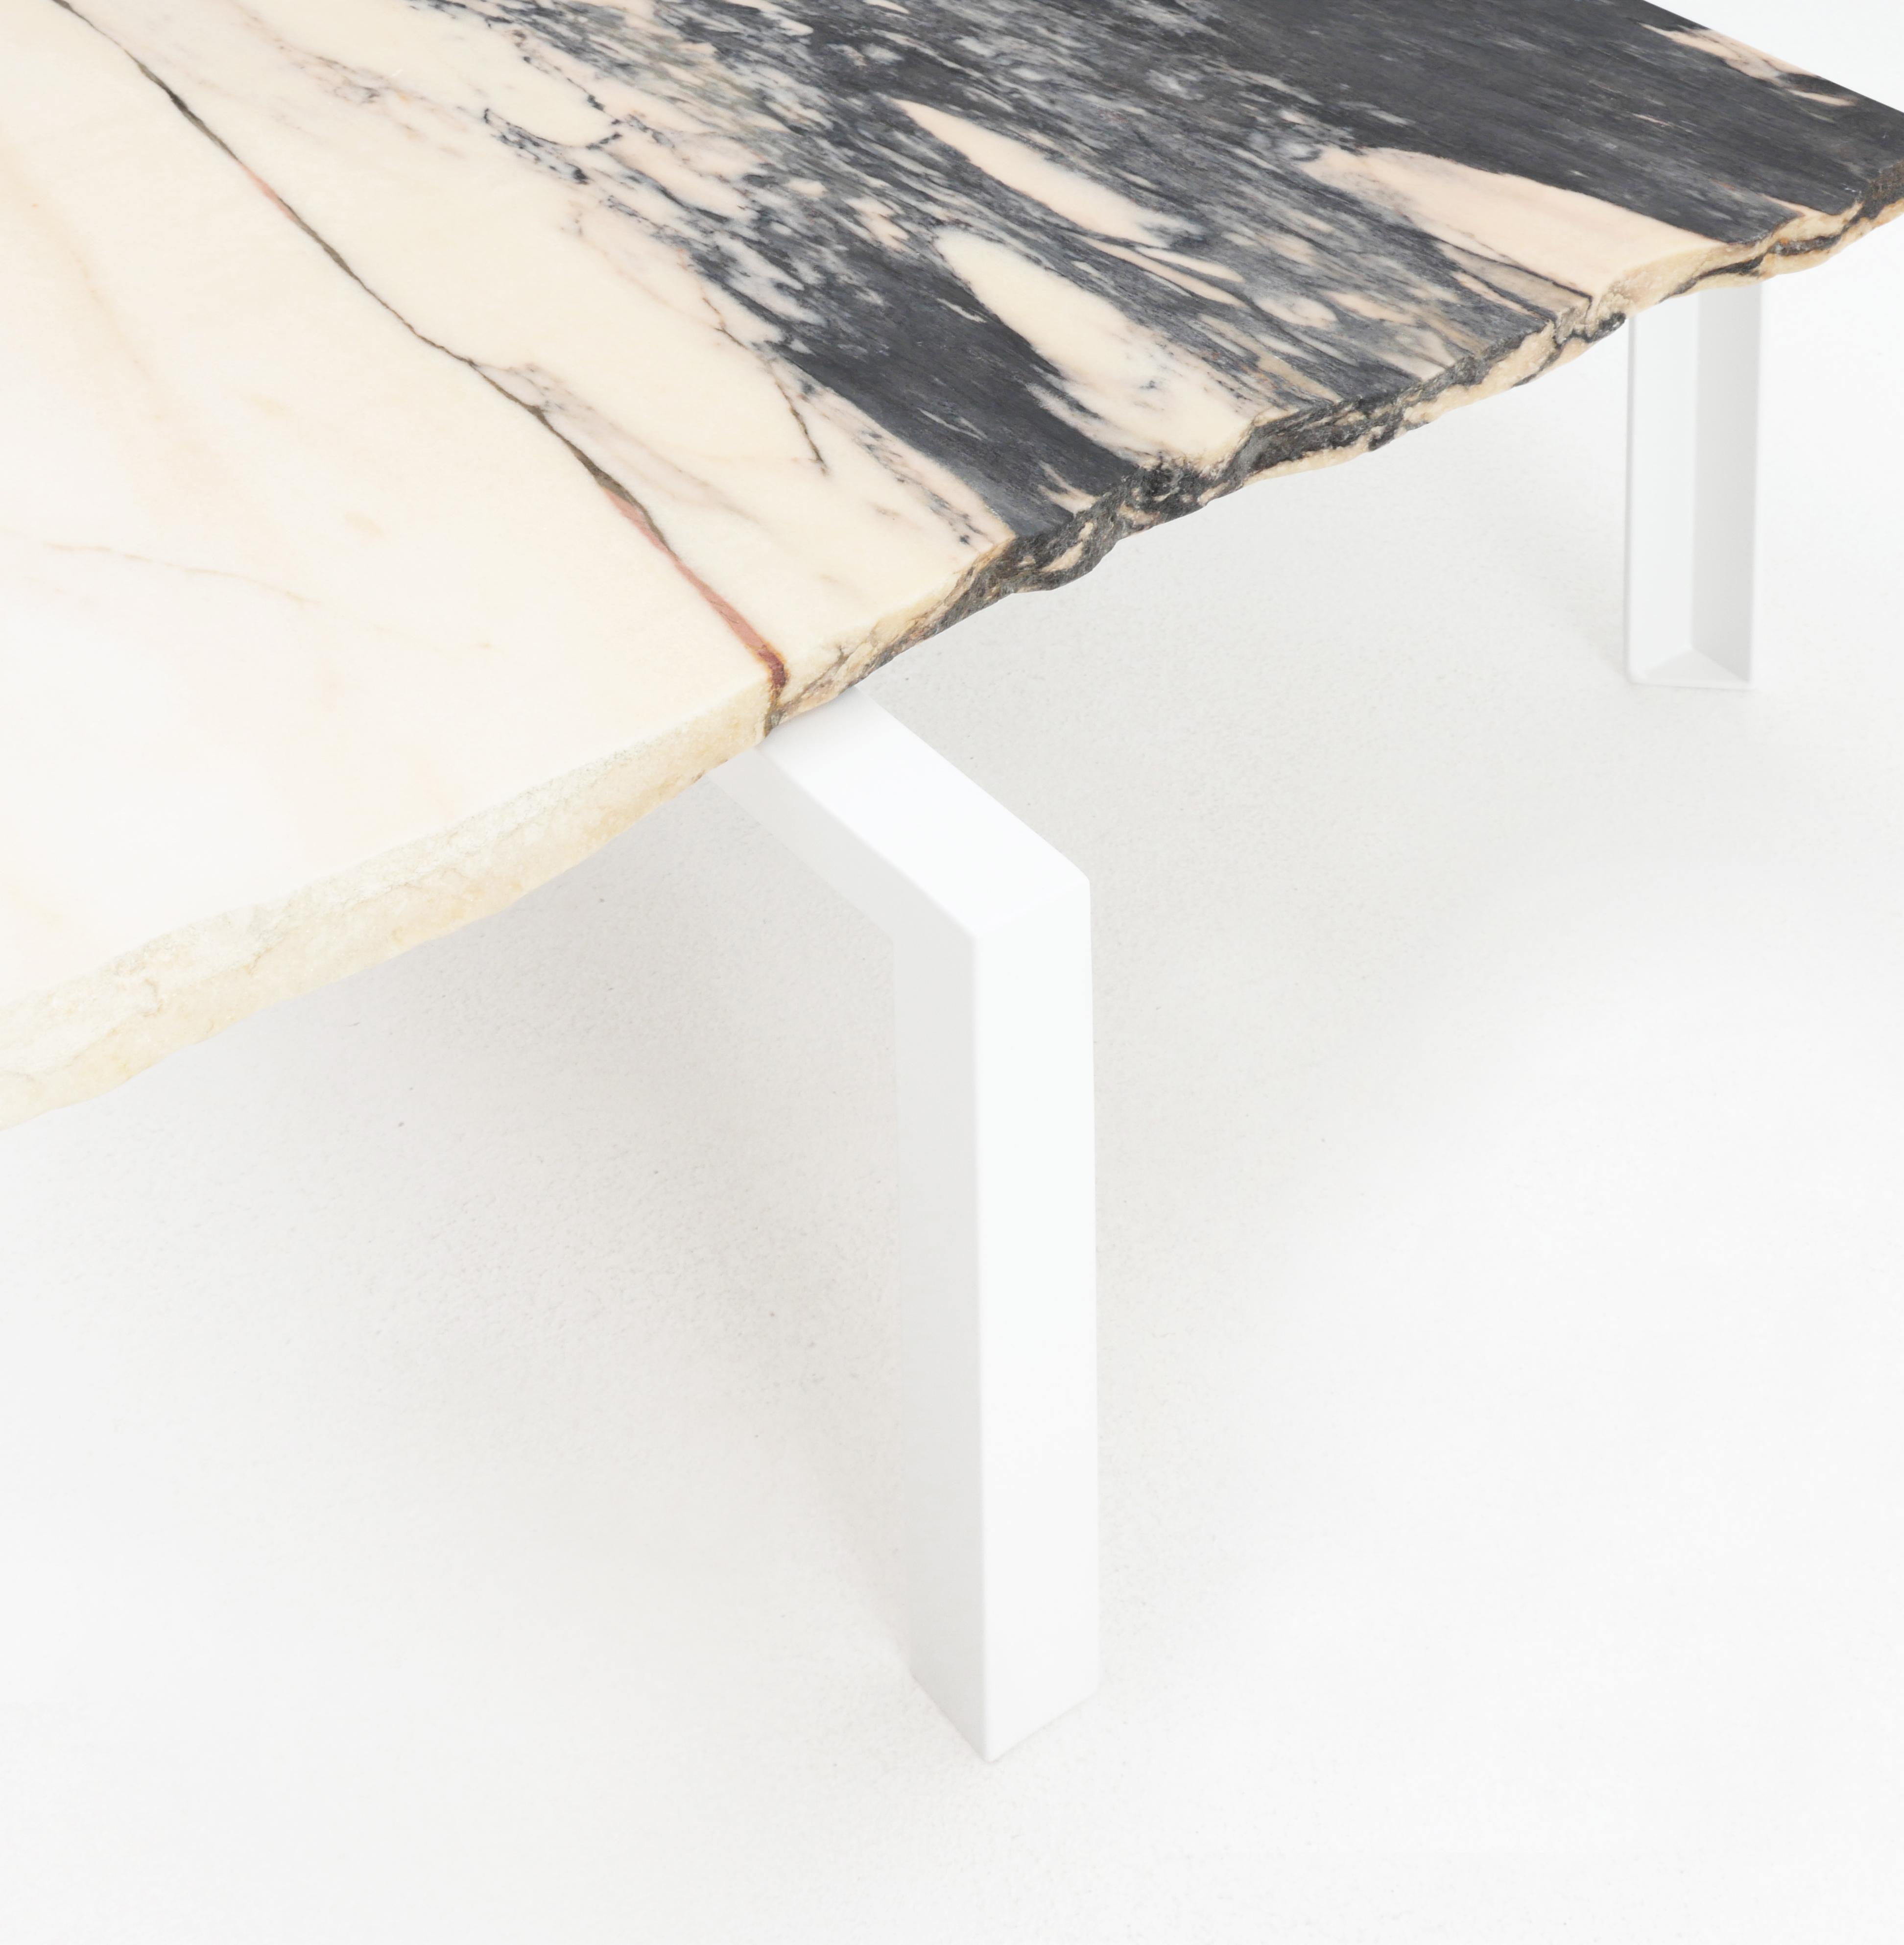 Beistelltisch von Atelier Haussmann entworfen von Hervé Humbert, Petite table d'angle ist ein kleiner Tisch aus Marmor Reststücke, es sind alle Unikate, ein produkt zwischen Kunst und Design, 100% recykelte Materialien,Manufaktur made in Germany